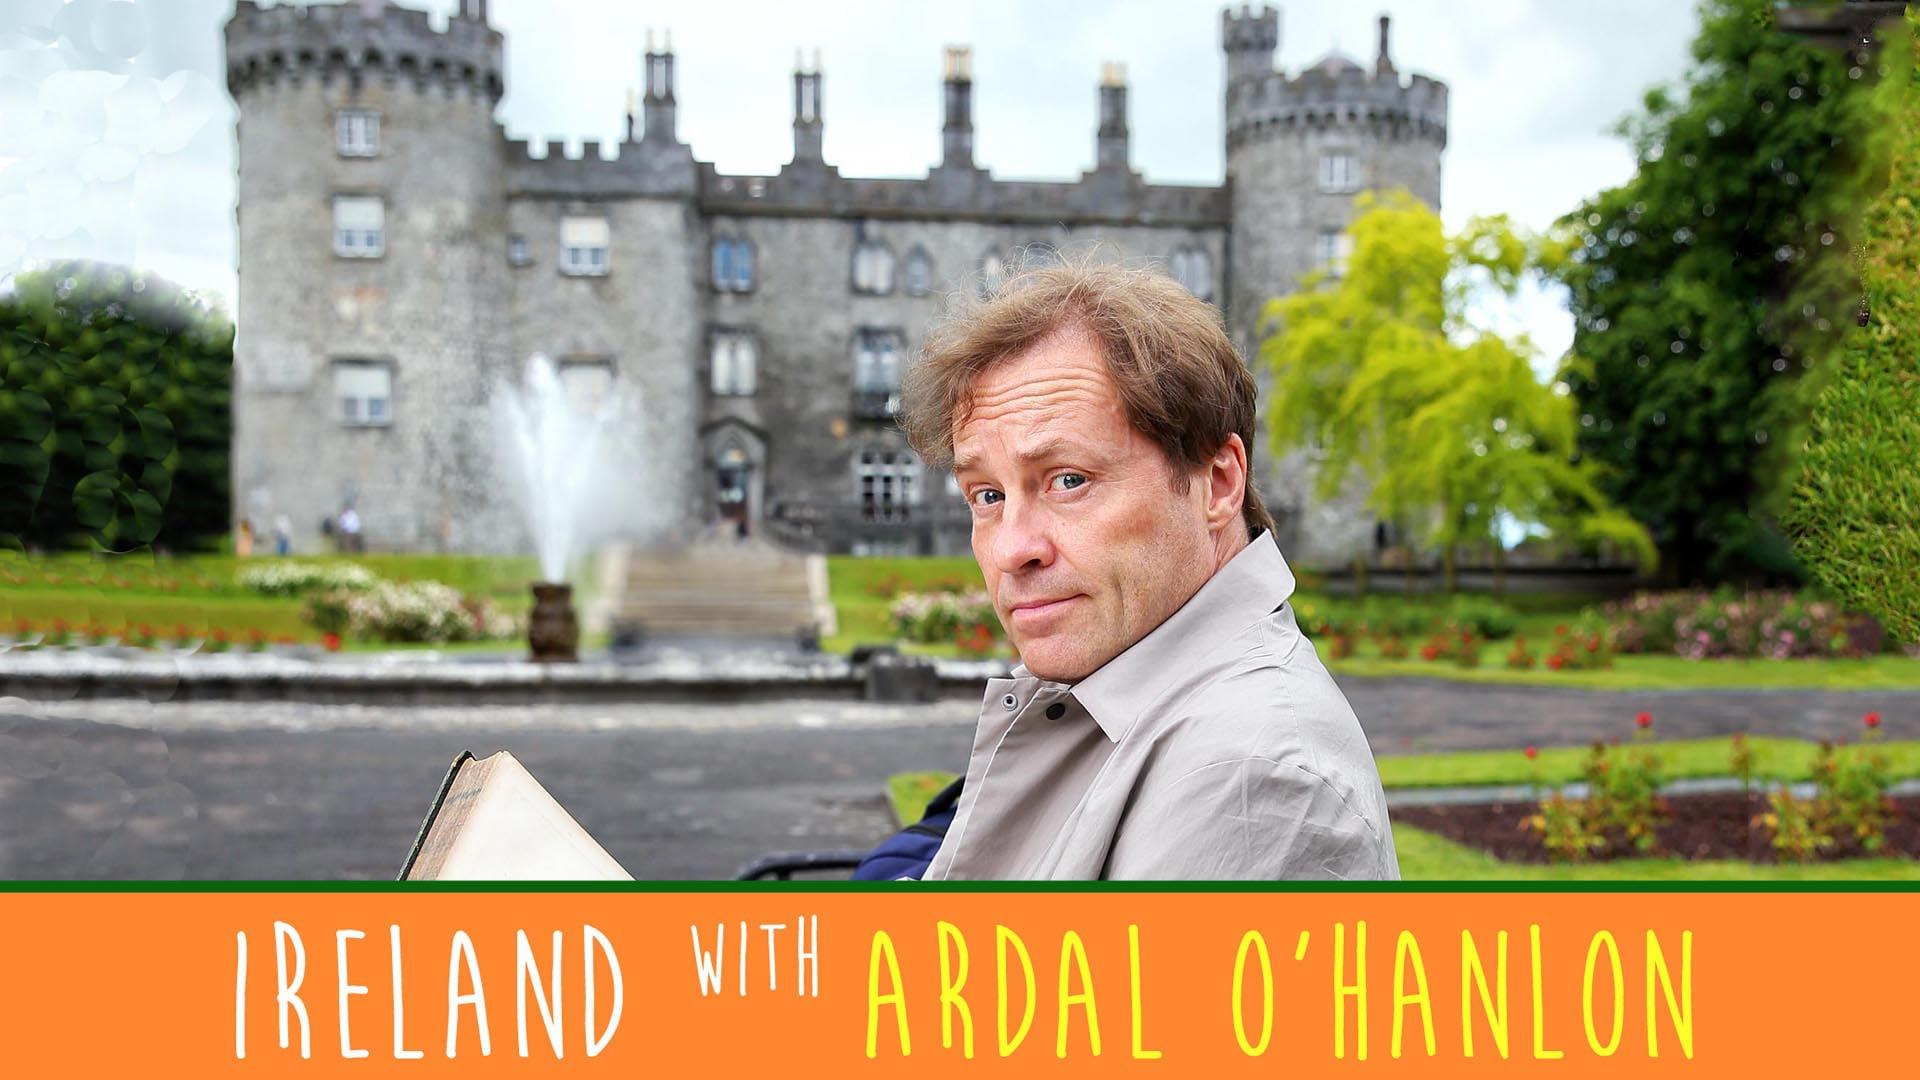 Ireland With Ardal O\'Hanlon Season 1 Episode 2